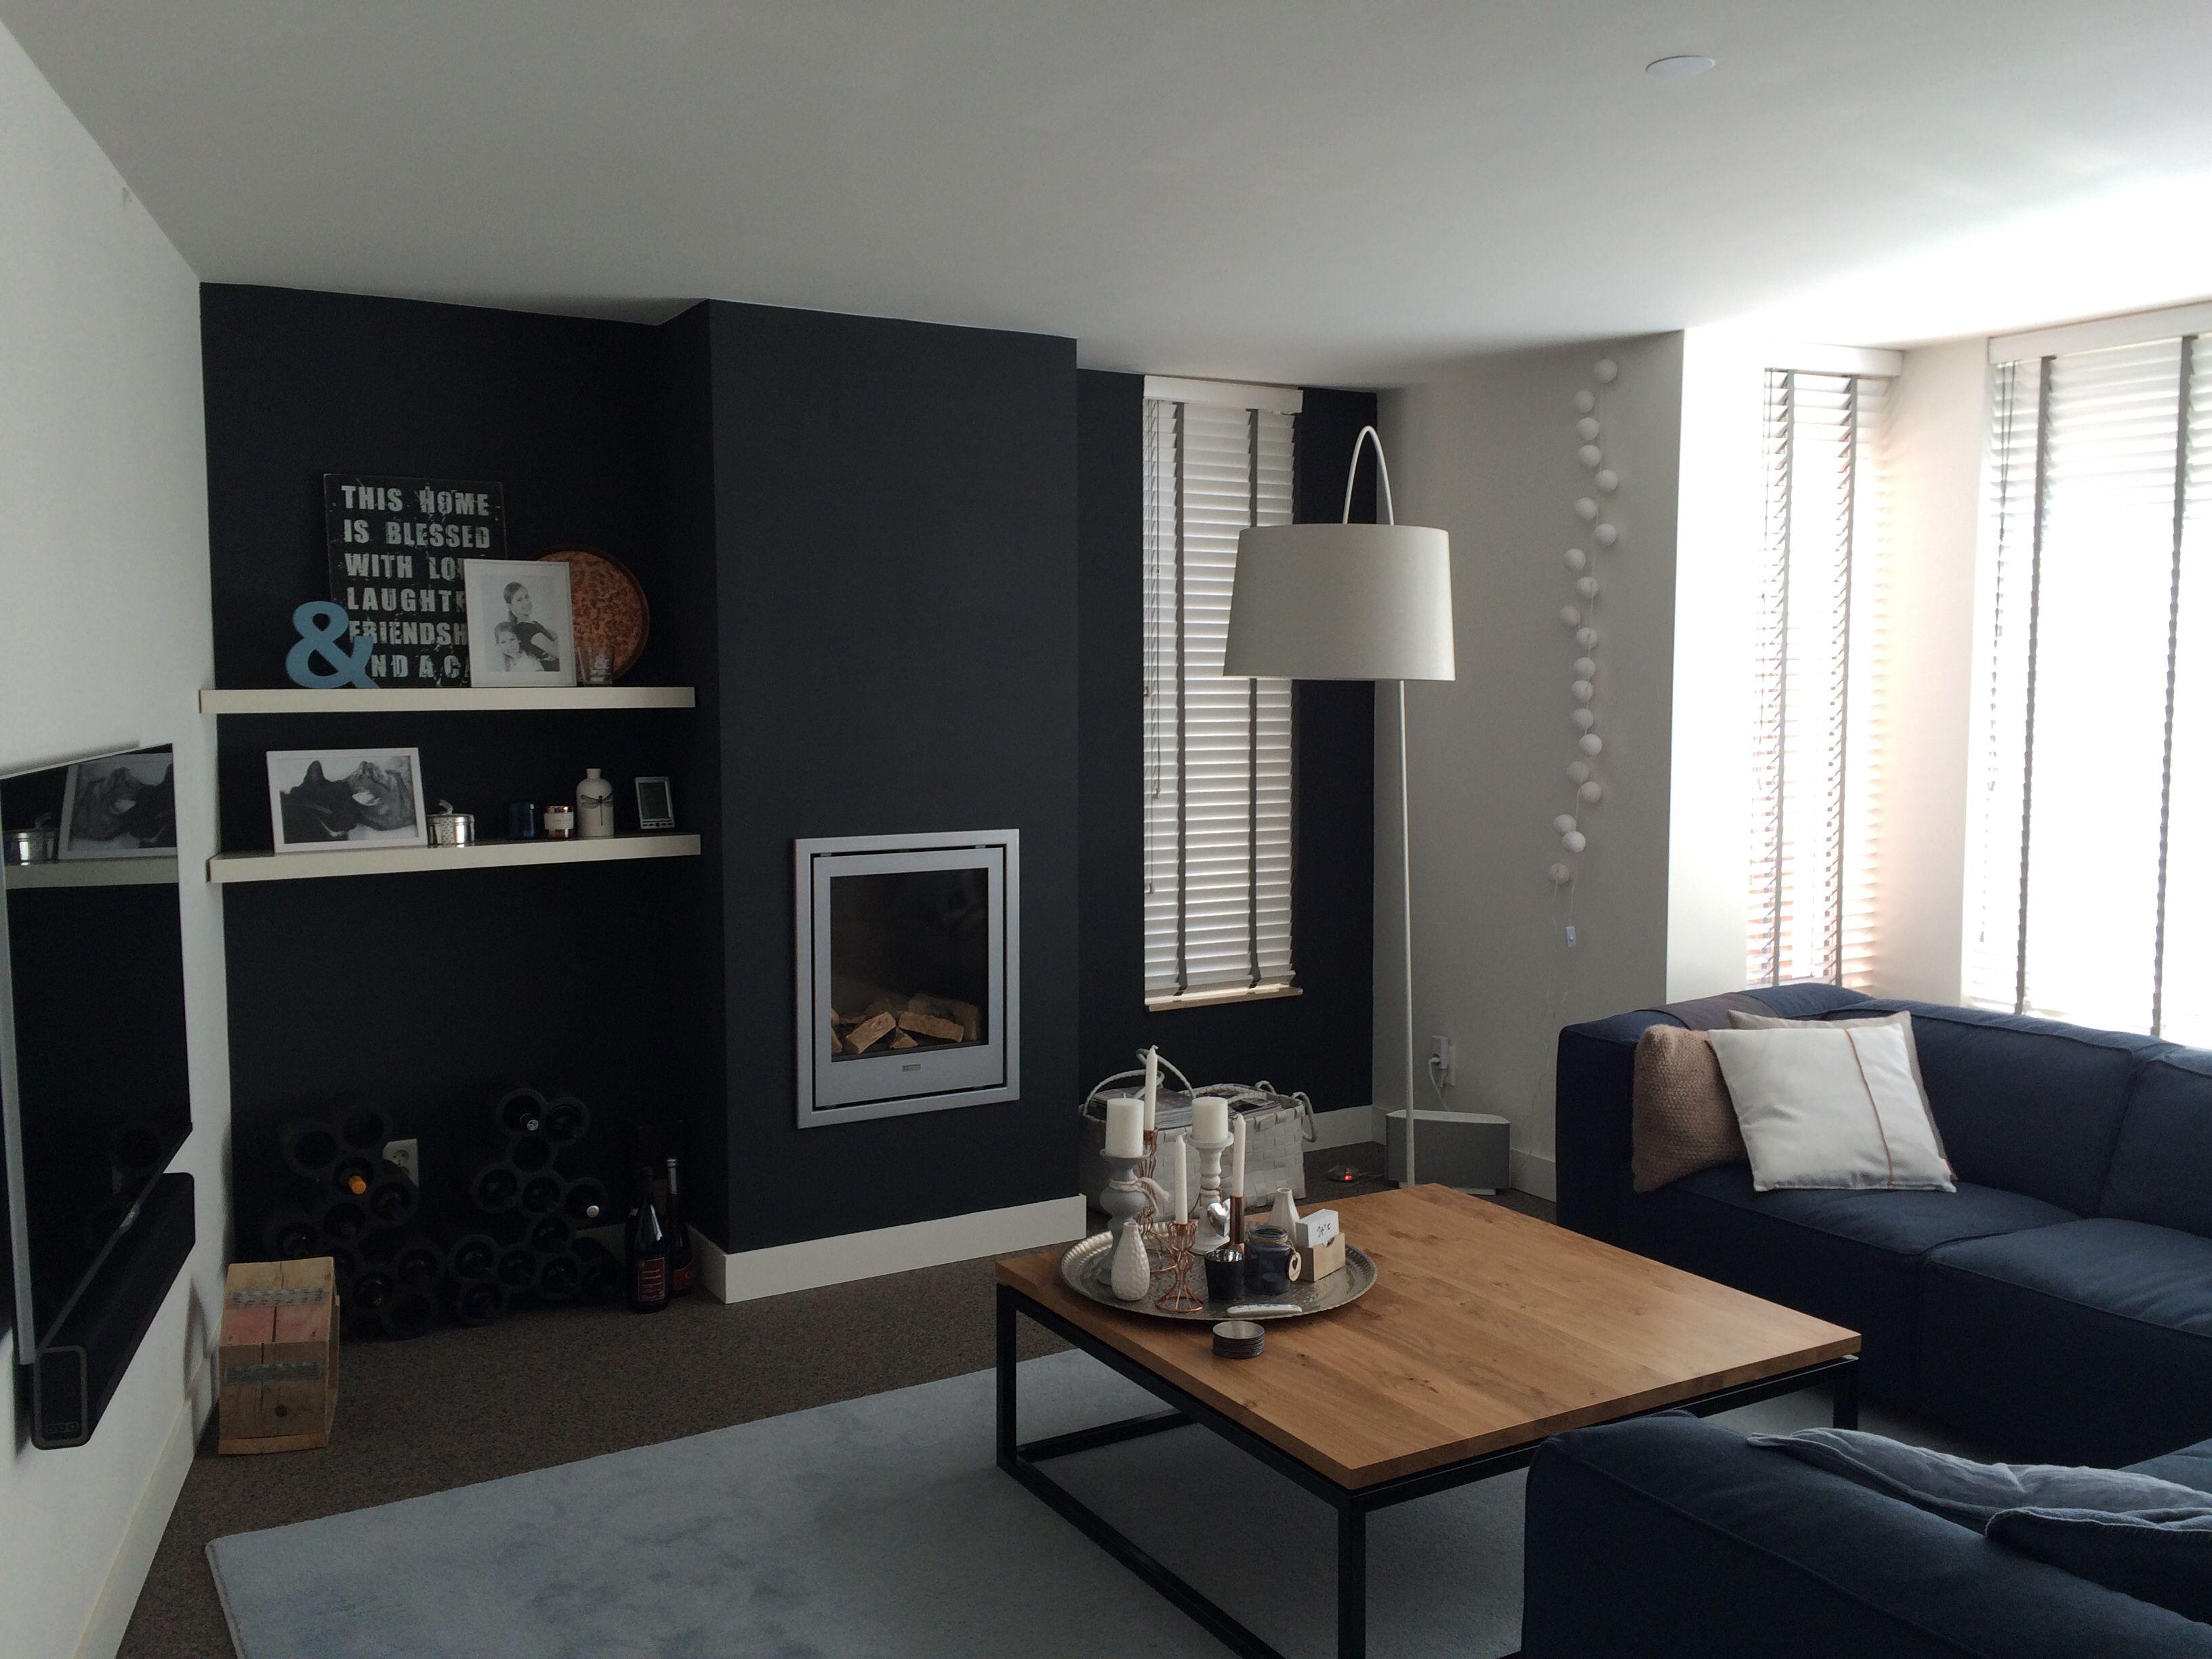 Donkere Woonkamer Inrichten : Donkere woonkamer ideeen veranderingen in de woonkamer